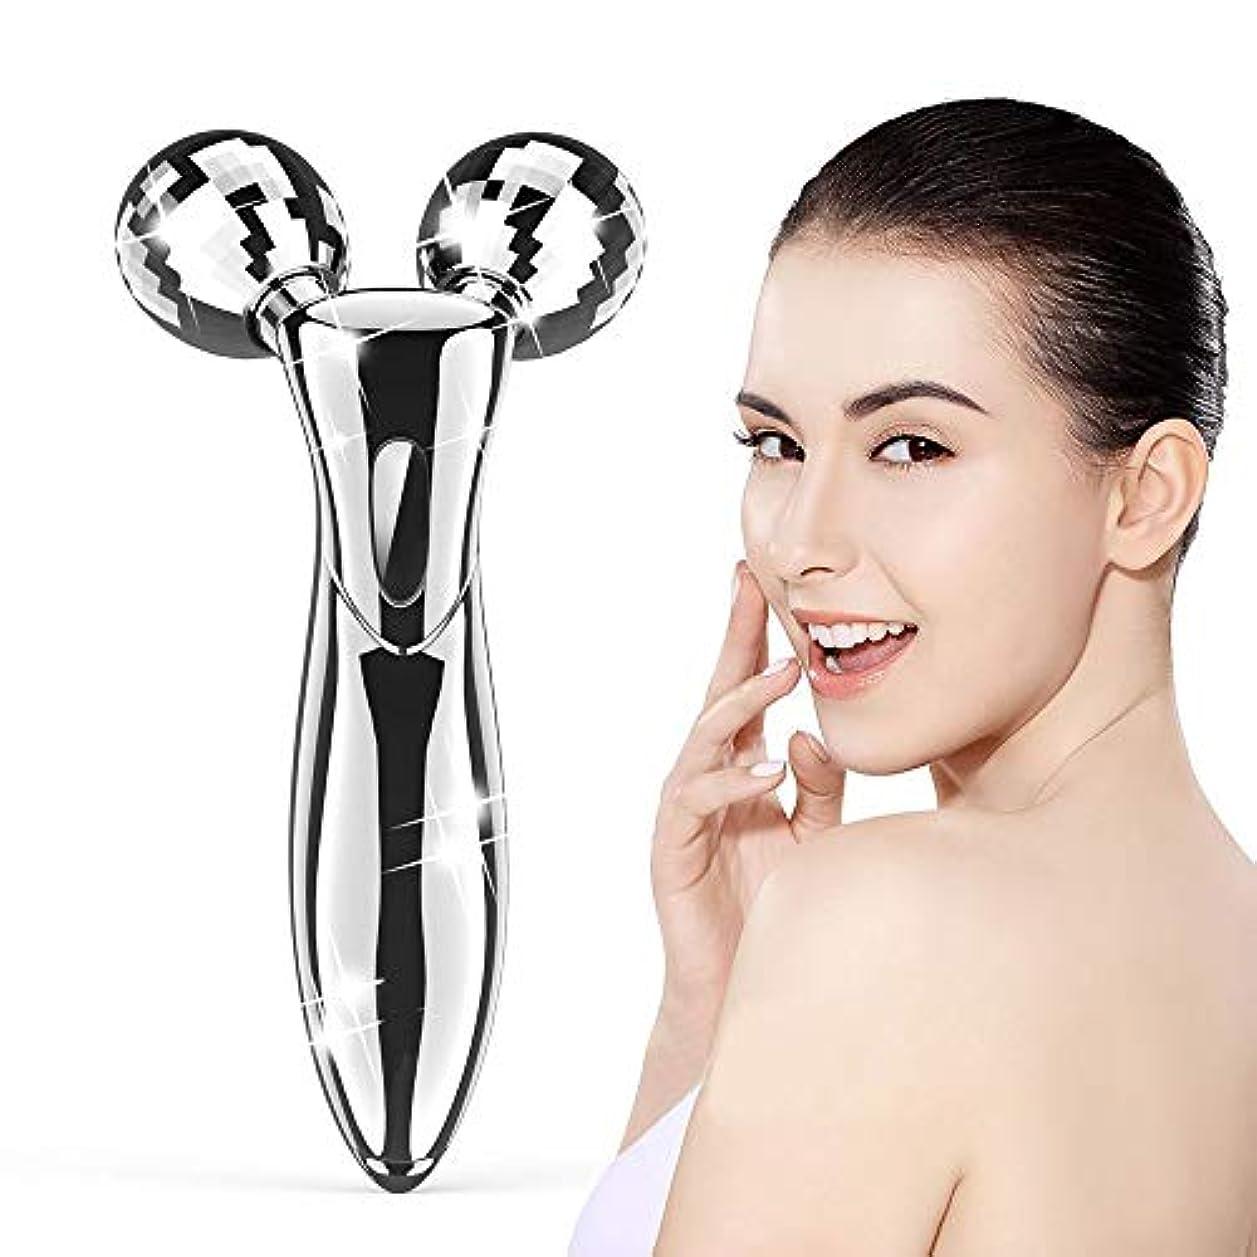 構造的傑作帰る美容ローラー 美顔ローラー フェイスローラー 美顔器 V字型 マイクロカレント マッサージローラー 3D ボディーローラー 充電不要 ほうれい線改善 防水 ギフト